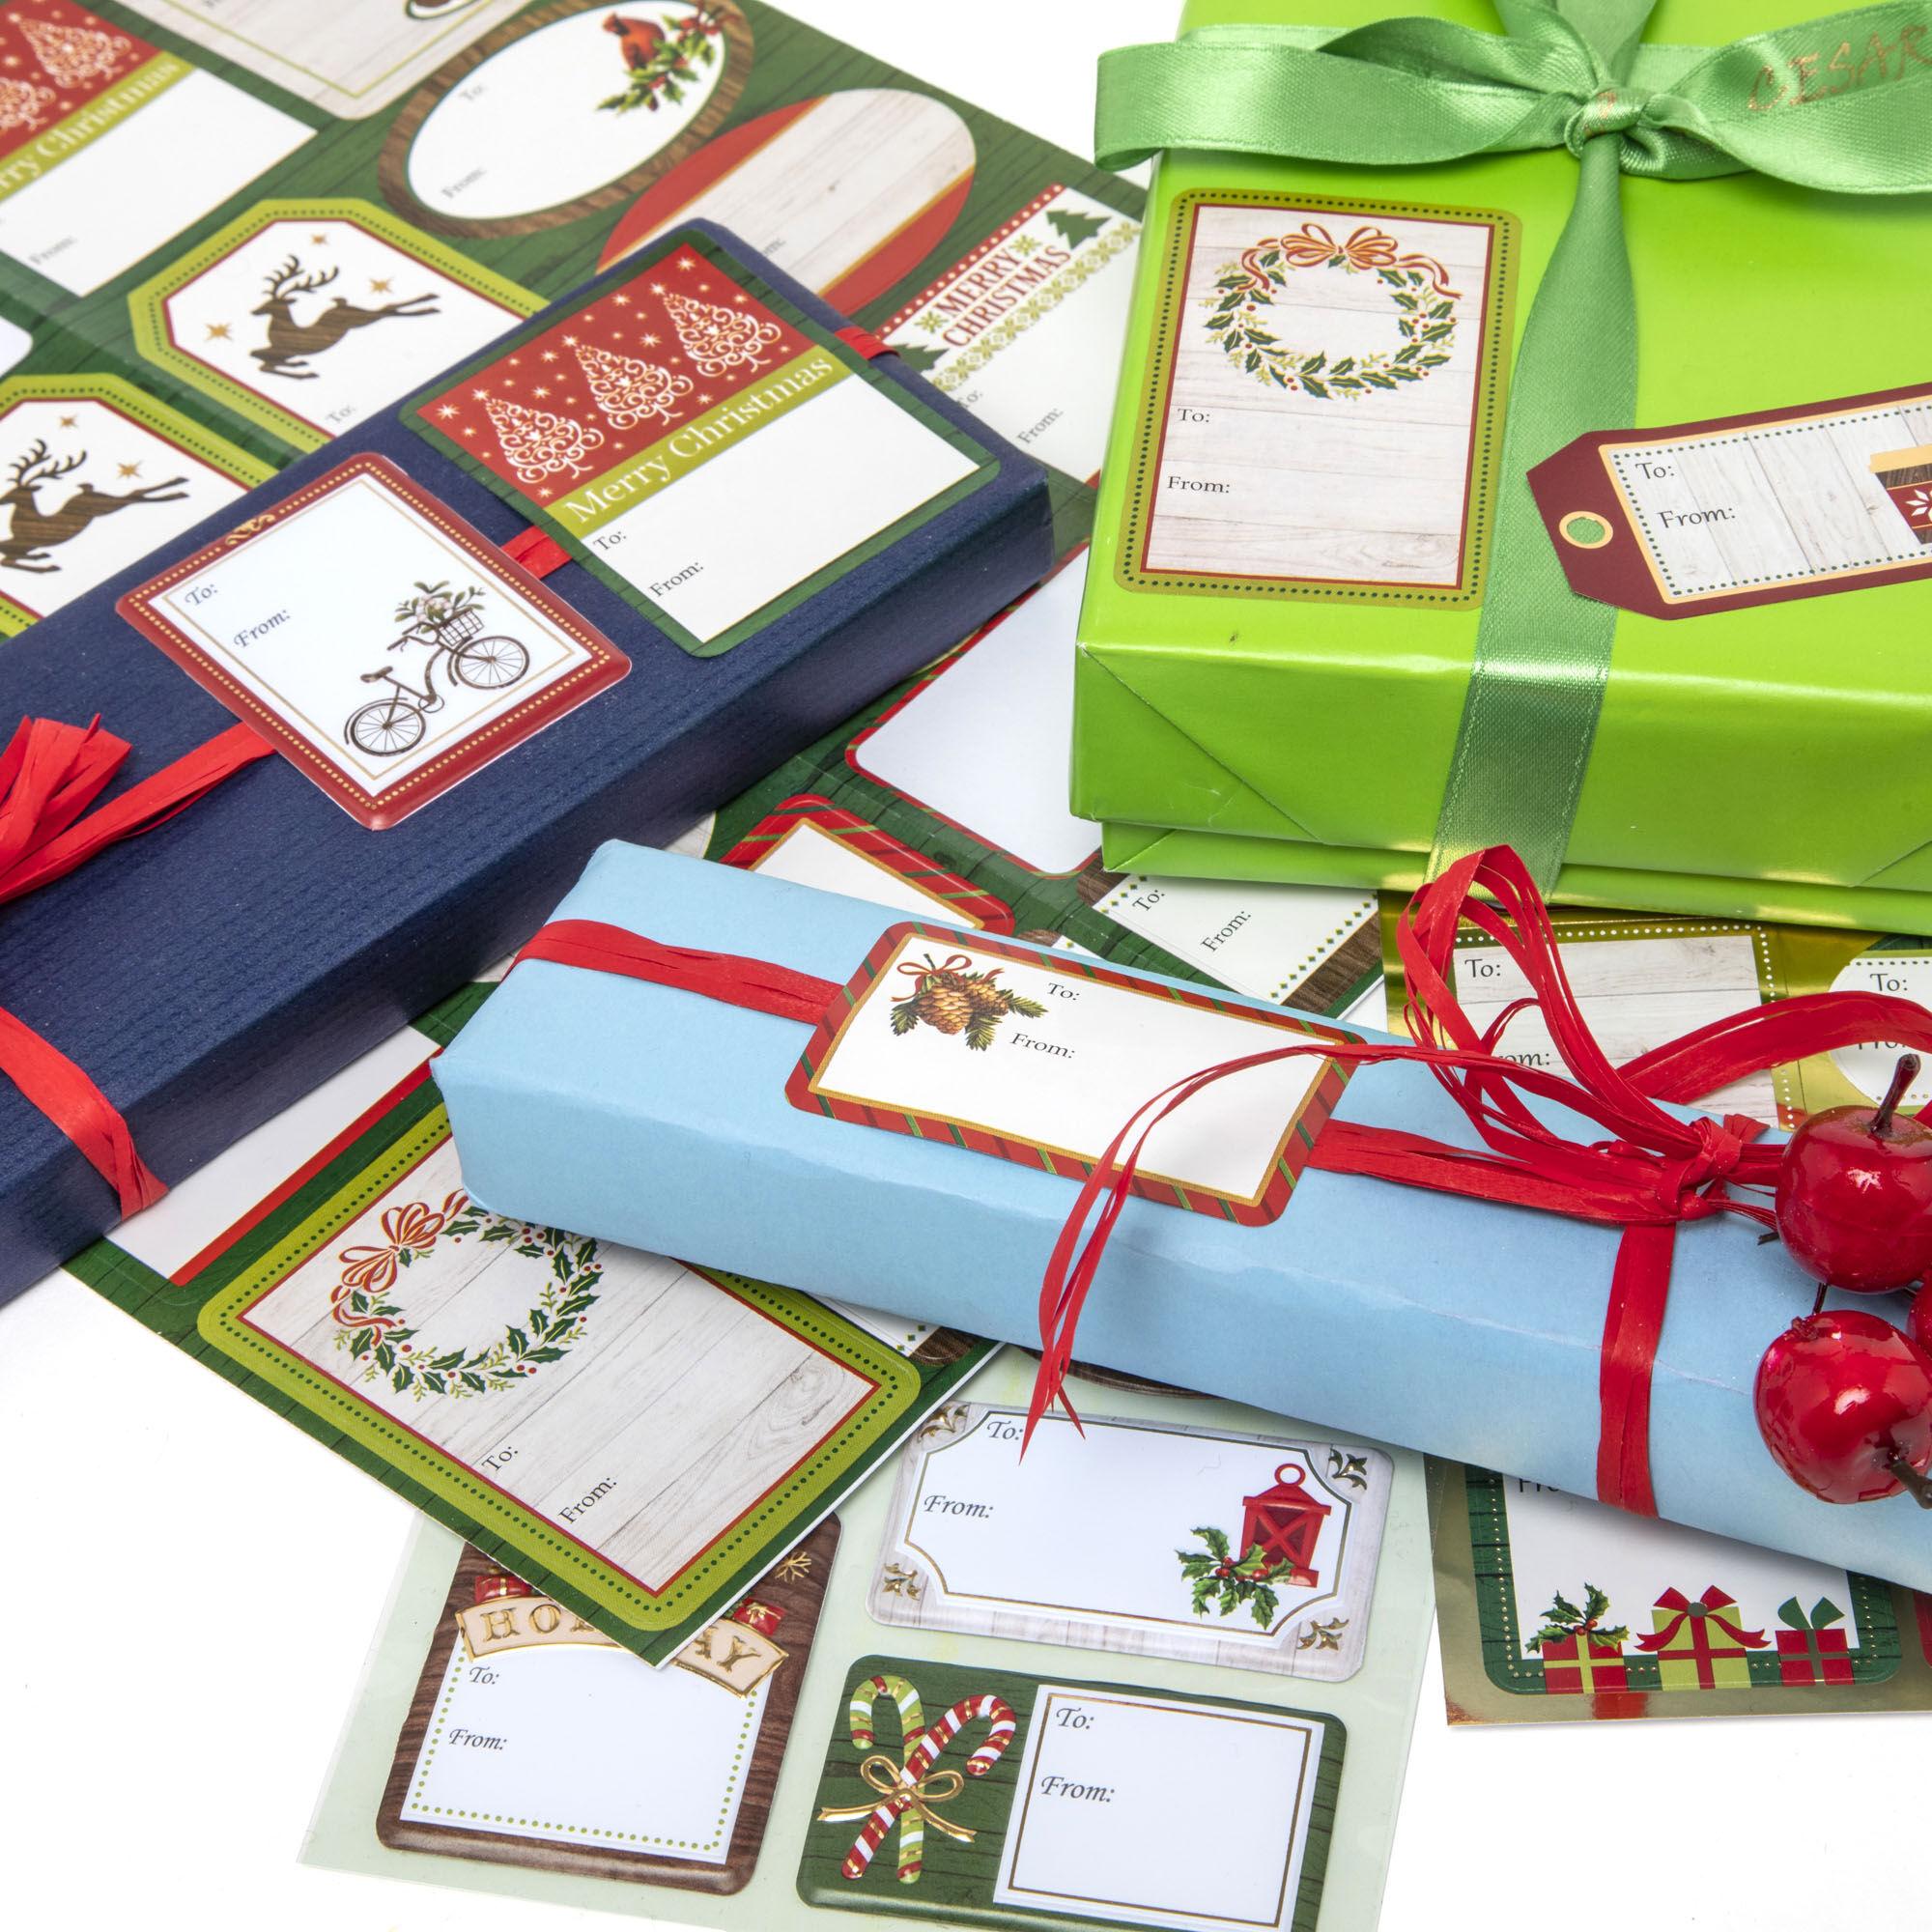 Étiquettes adhésives de Noël - Lot de 23 pcs, , large